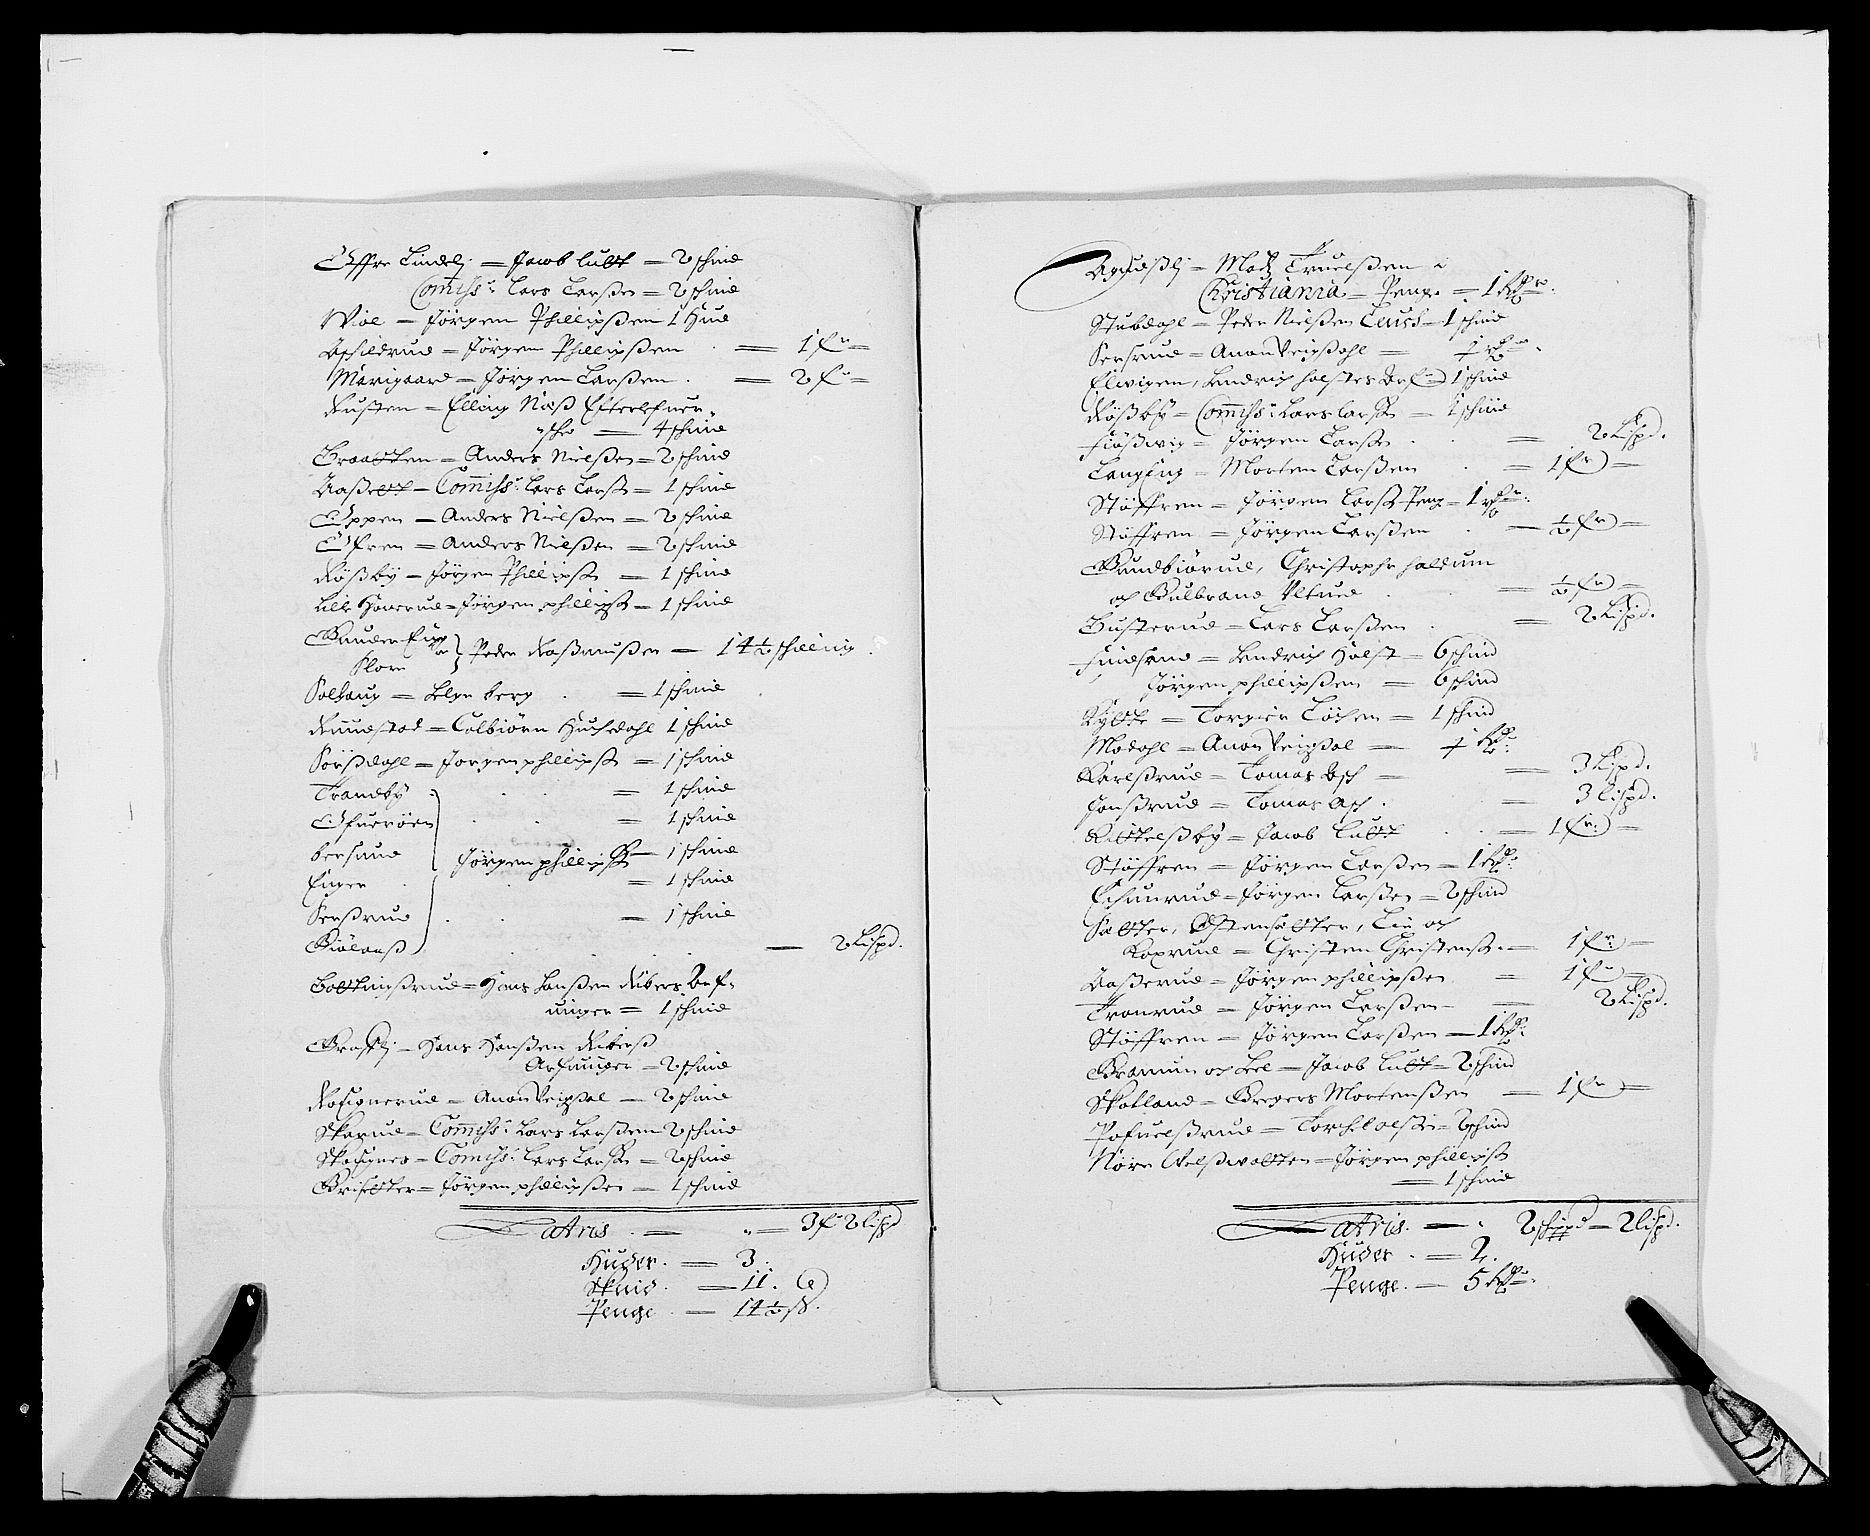 RA, Rentekammeret inntil 1814, Reviderte regnskaper, Fogderegnskap, R21/L1446: Fogderegnskap Ringerike og Hallingdal, 1683-1686, s. 340